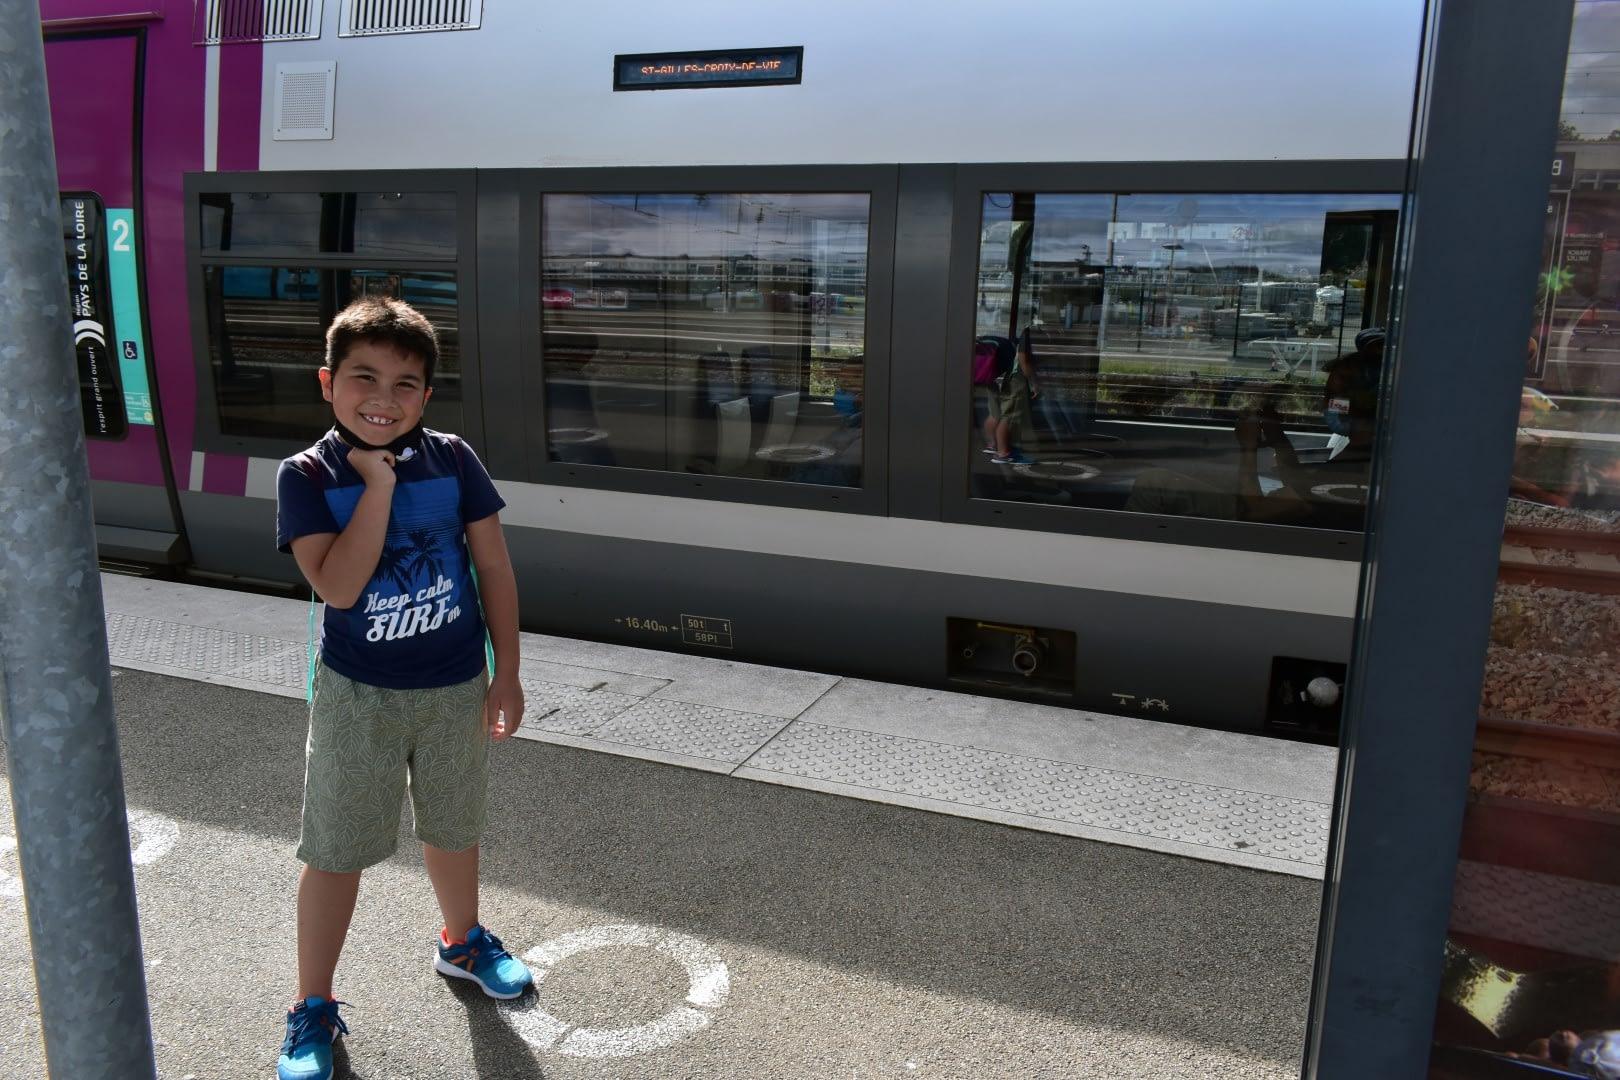 Train to Saint-Gilles-Croix-de-Vie ,Gare de Nantes